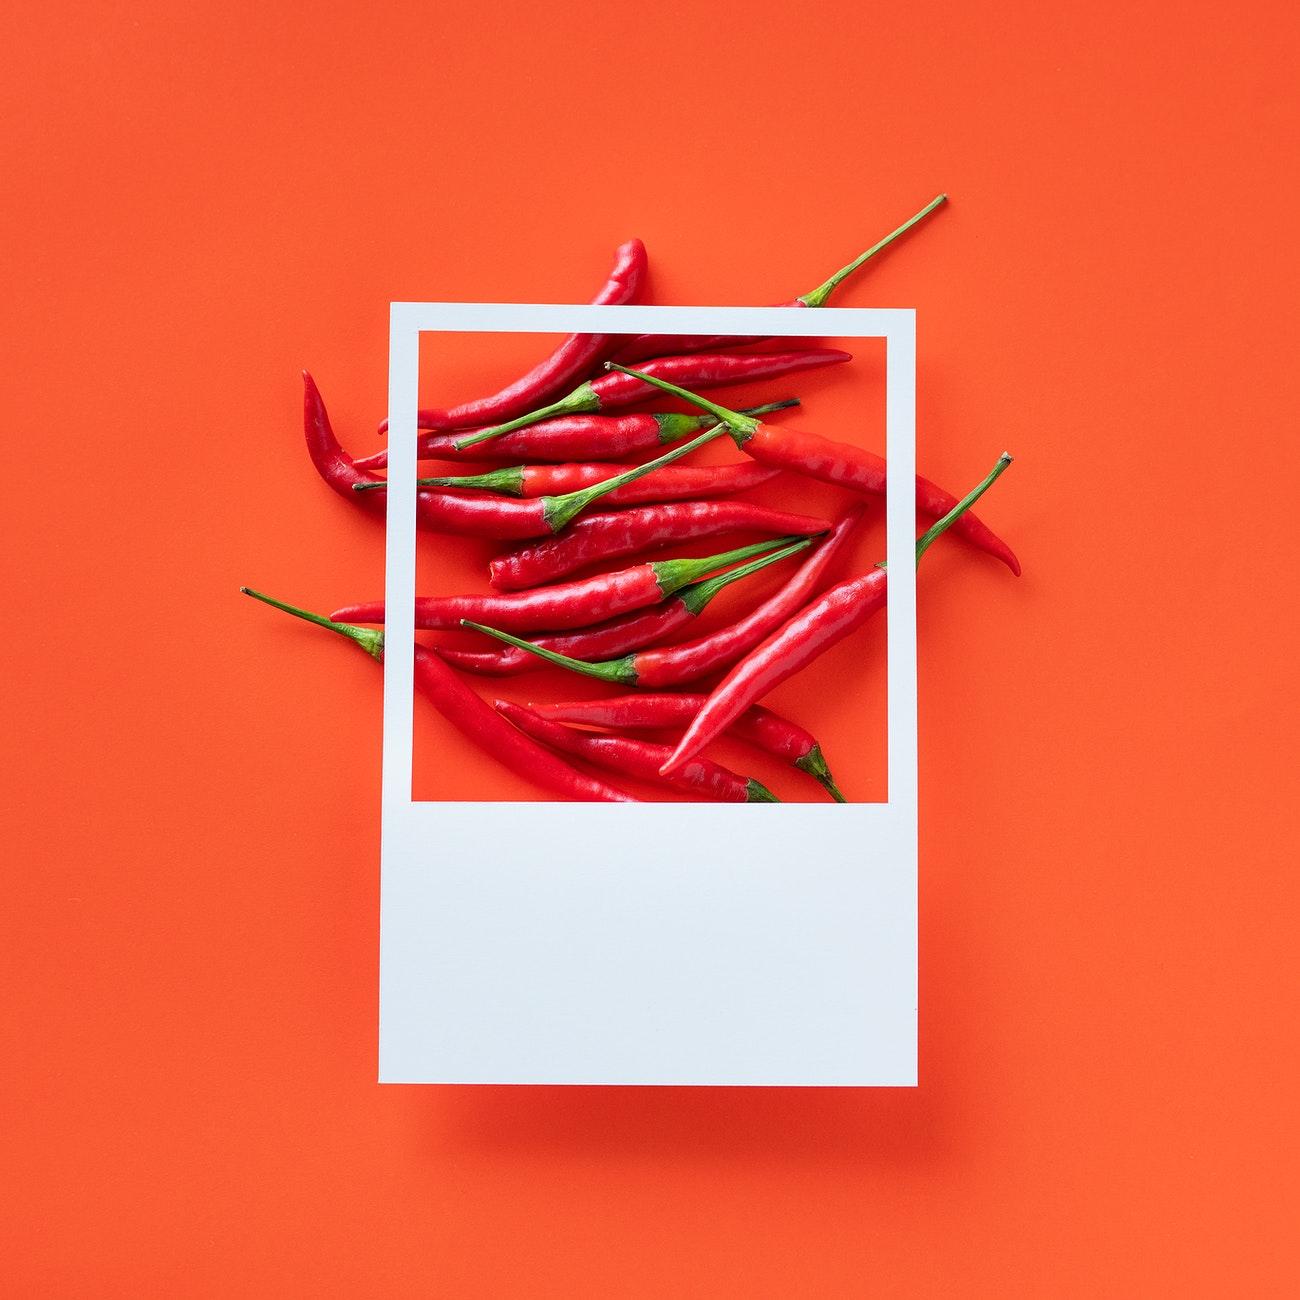 Kırmızı salkım biber